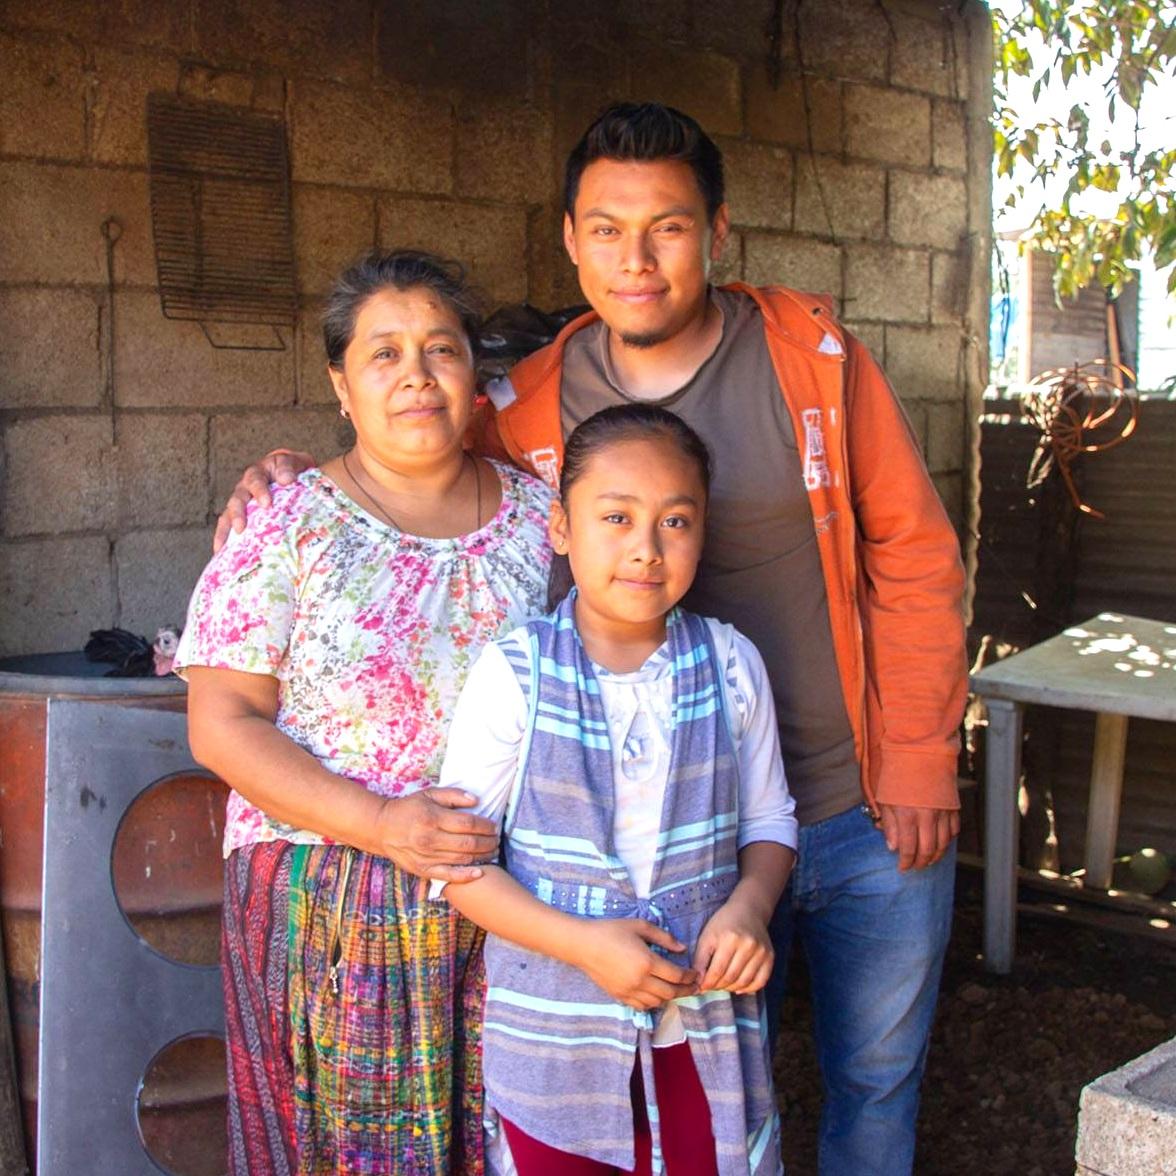 Familia+2.jpg